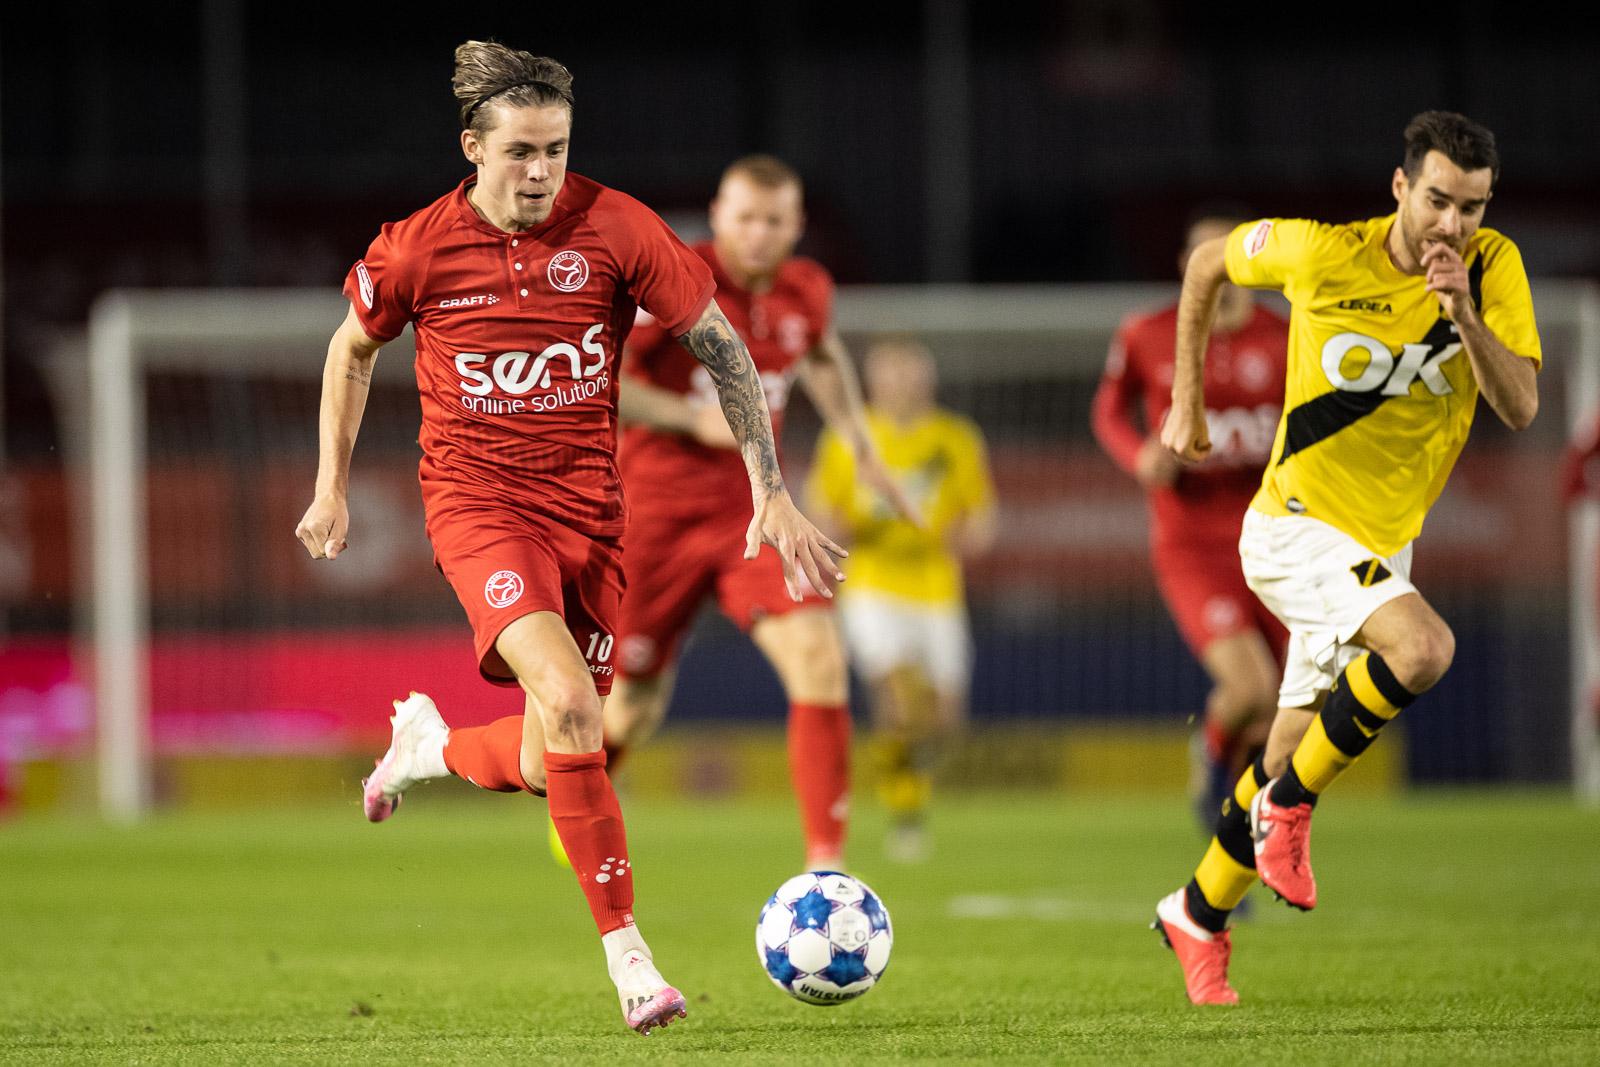 Almere City FC wint topper van NAC Breda 2-0